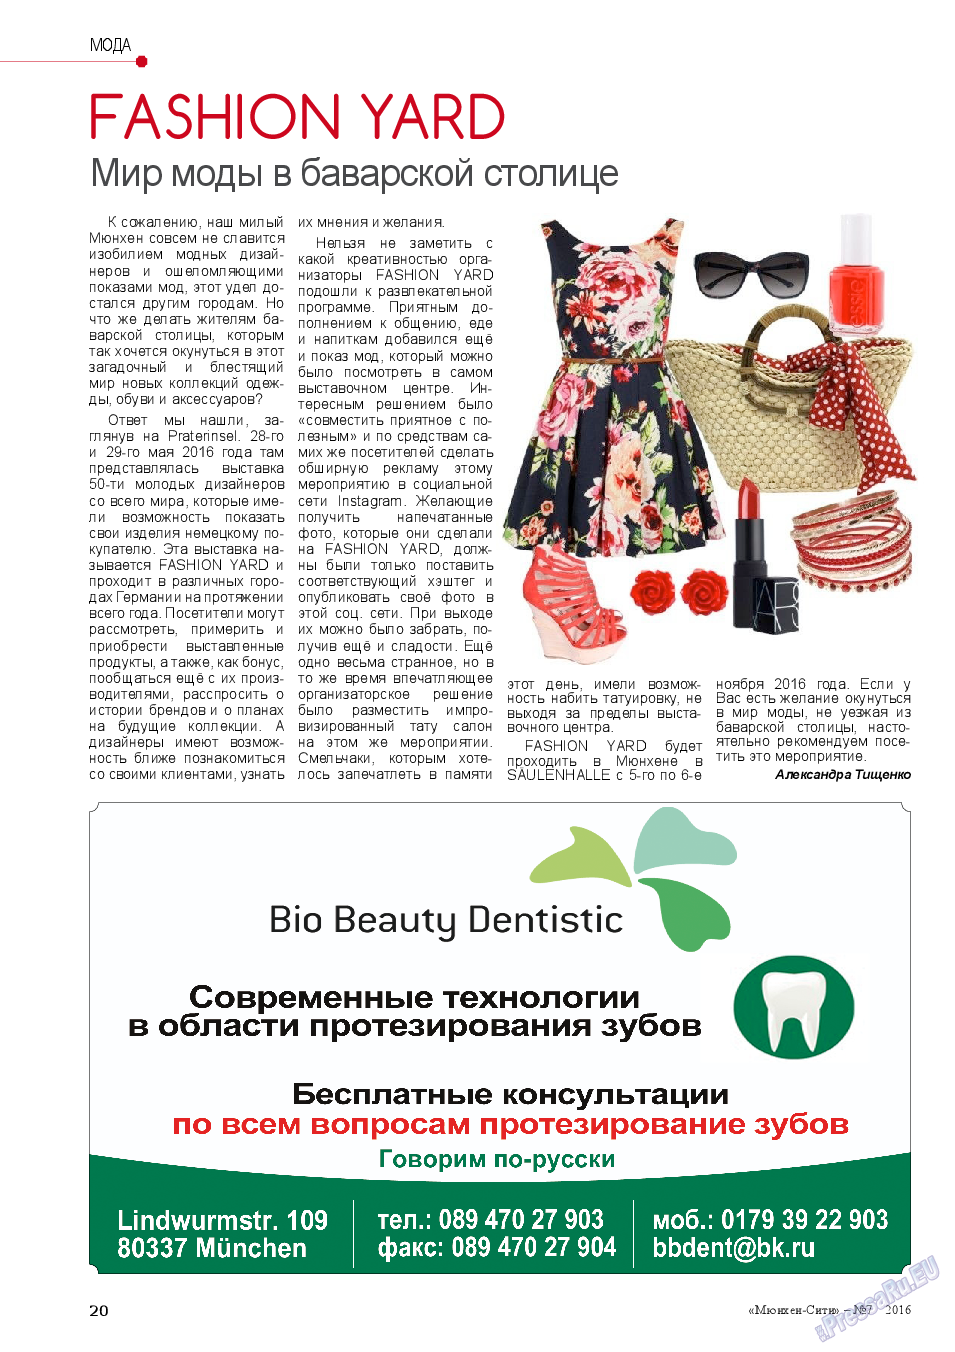 Мюнхен-сити (журнал). 2016 год, номер 7, стр. 20